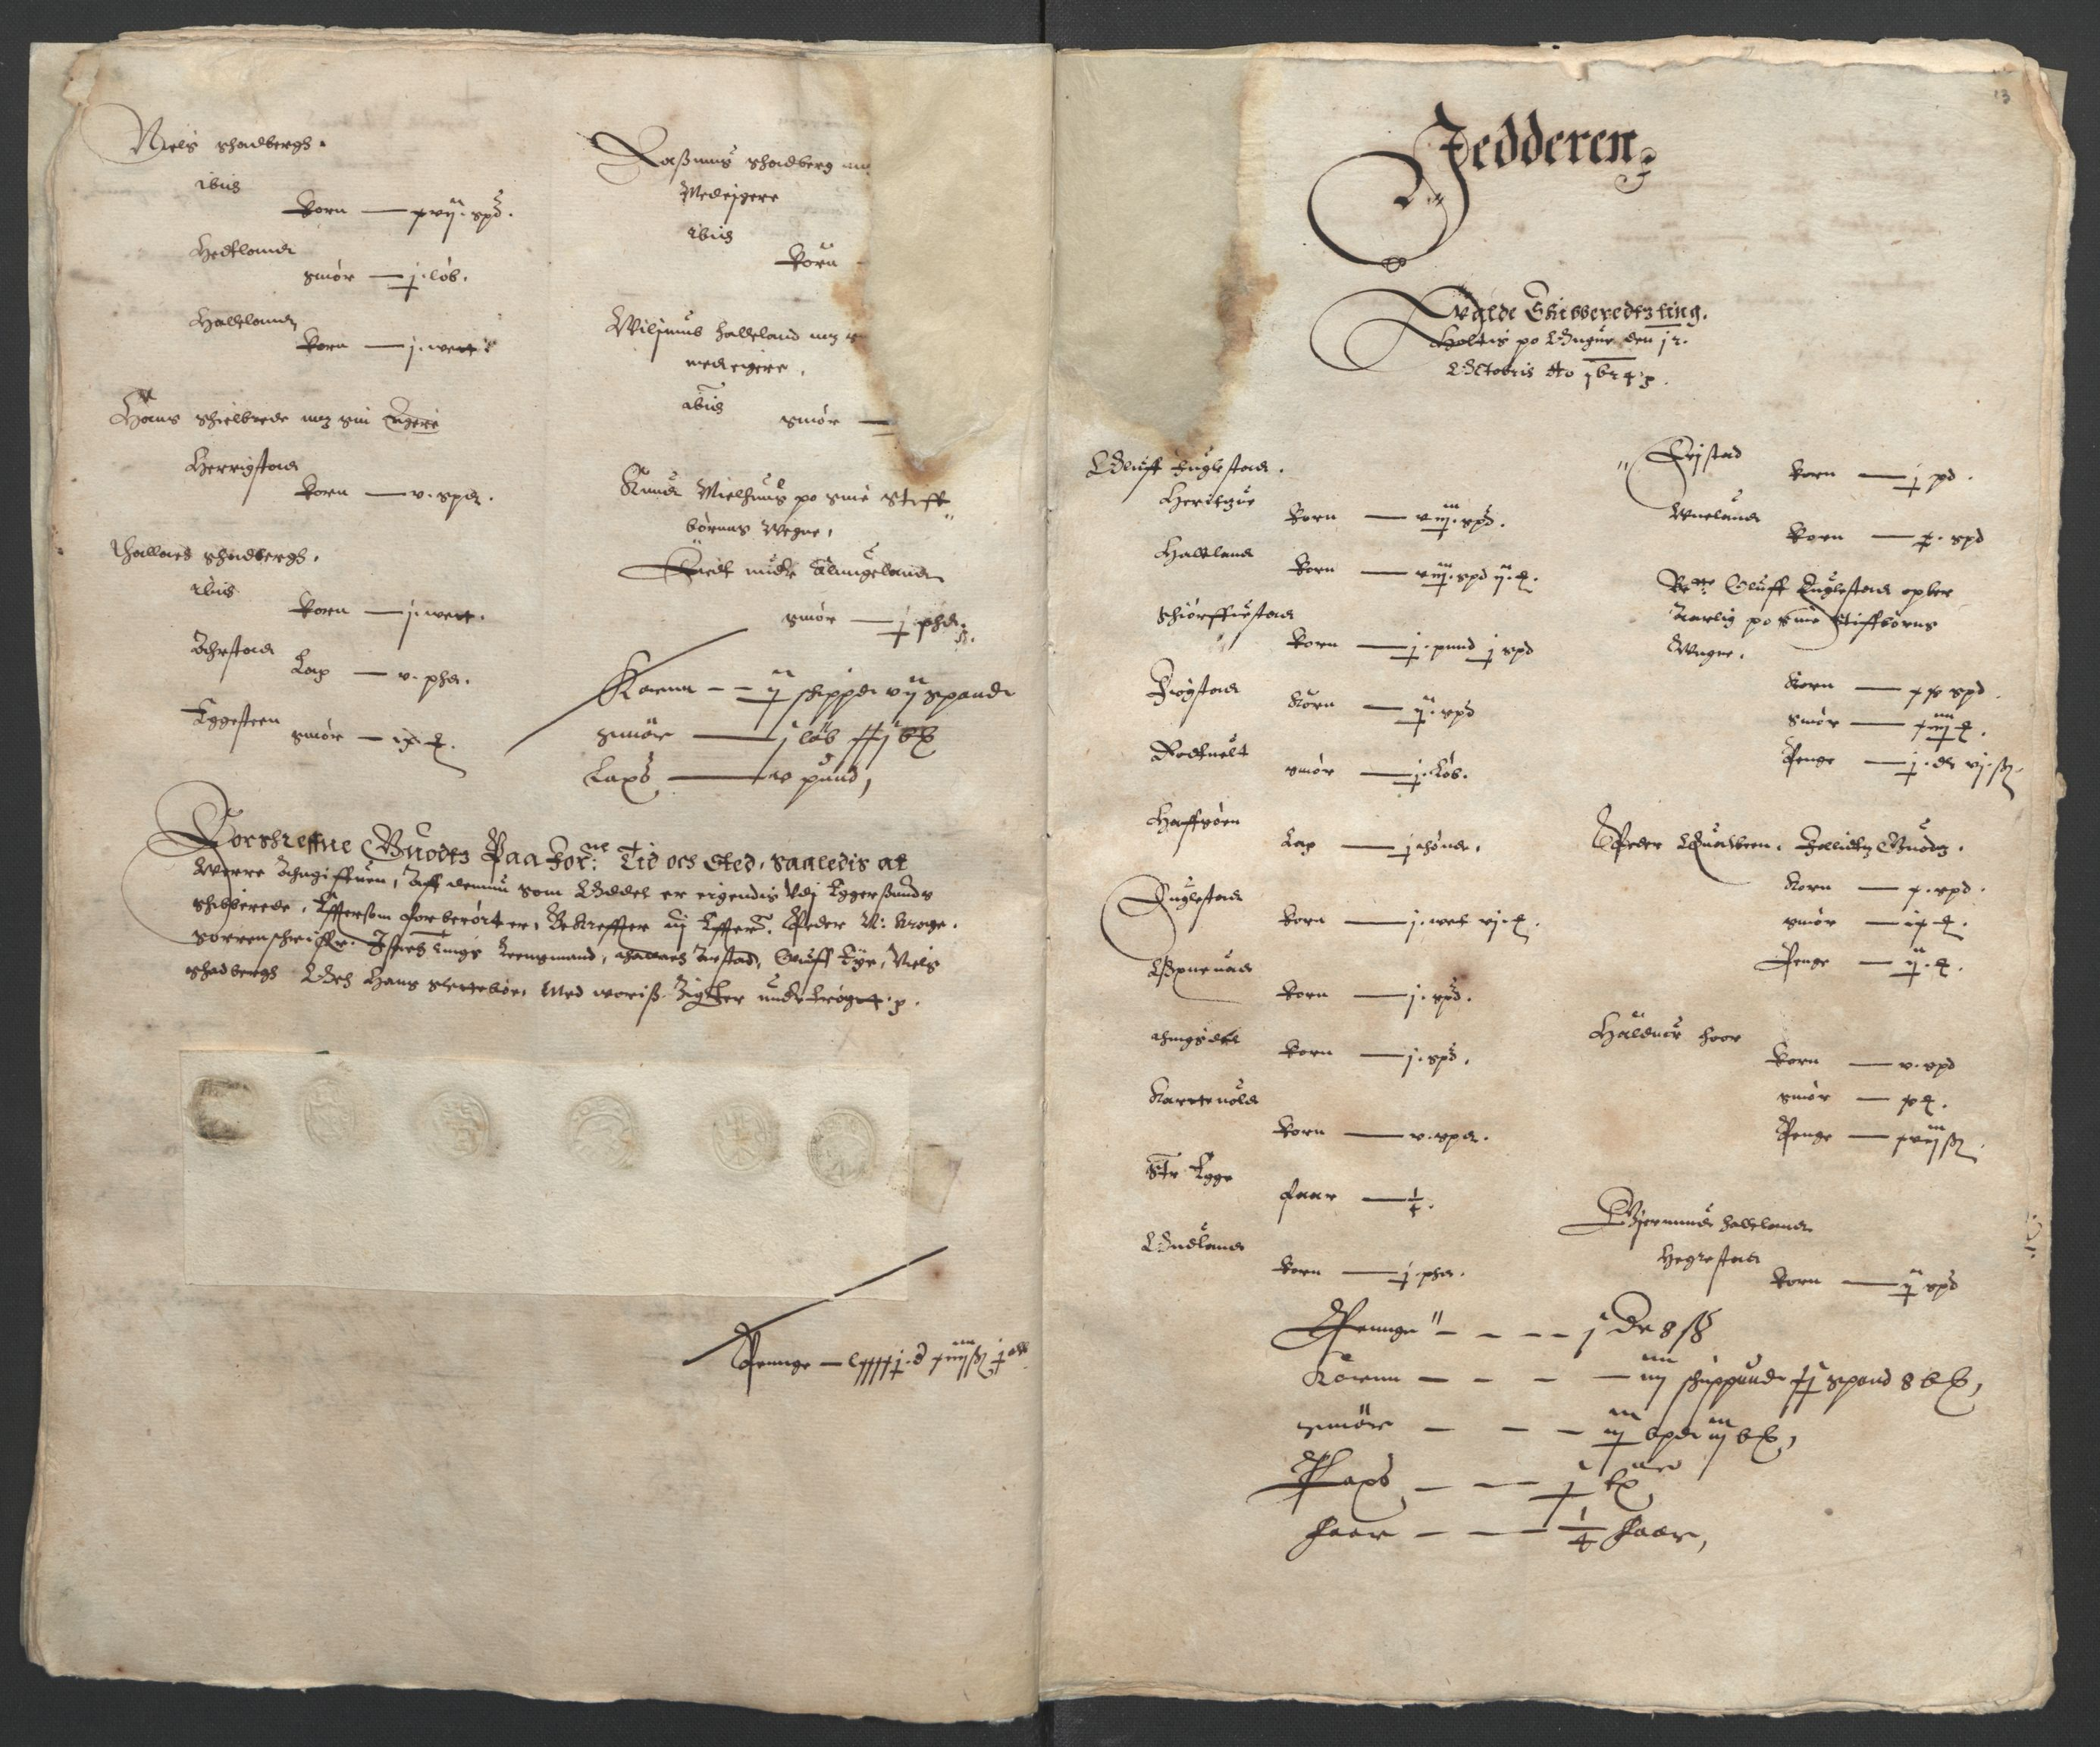 RA, Stattholderembetet 1572-1771, Ek/L0010: Jordebøker til utlikning av rosstjeneste 1624-1626:, 1624-1626, s. 47